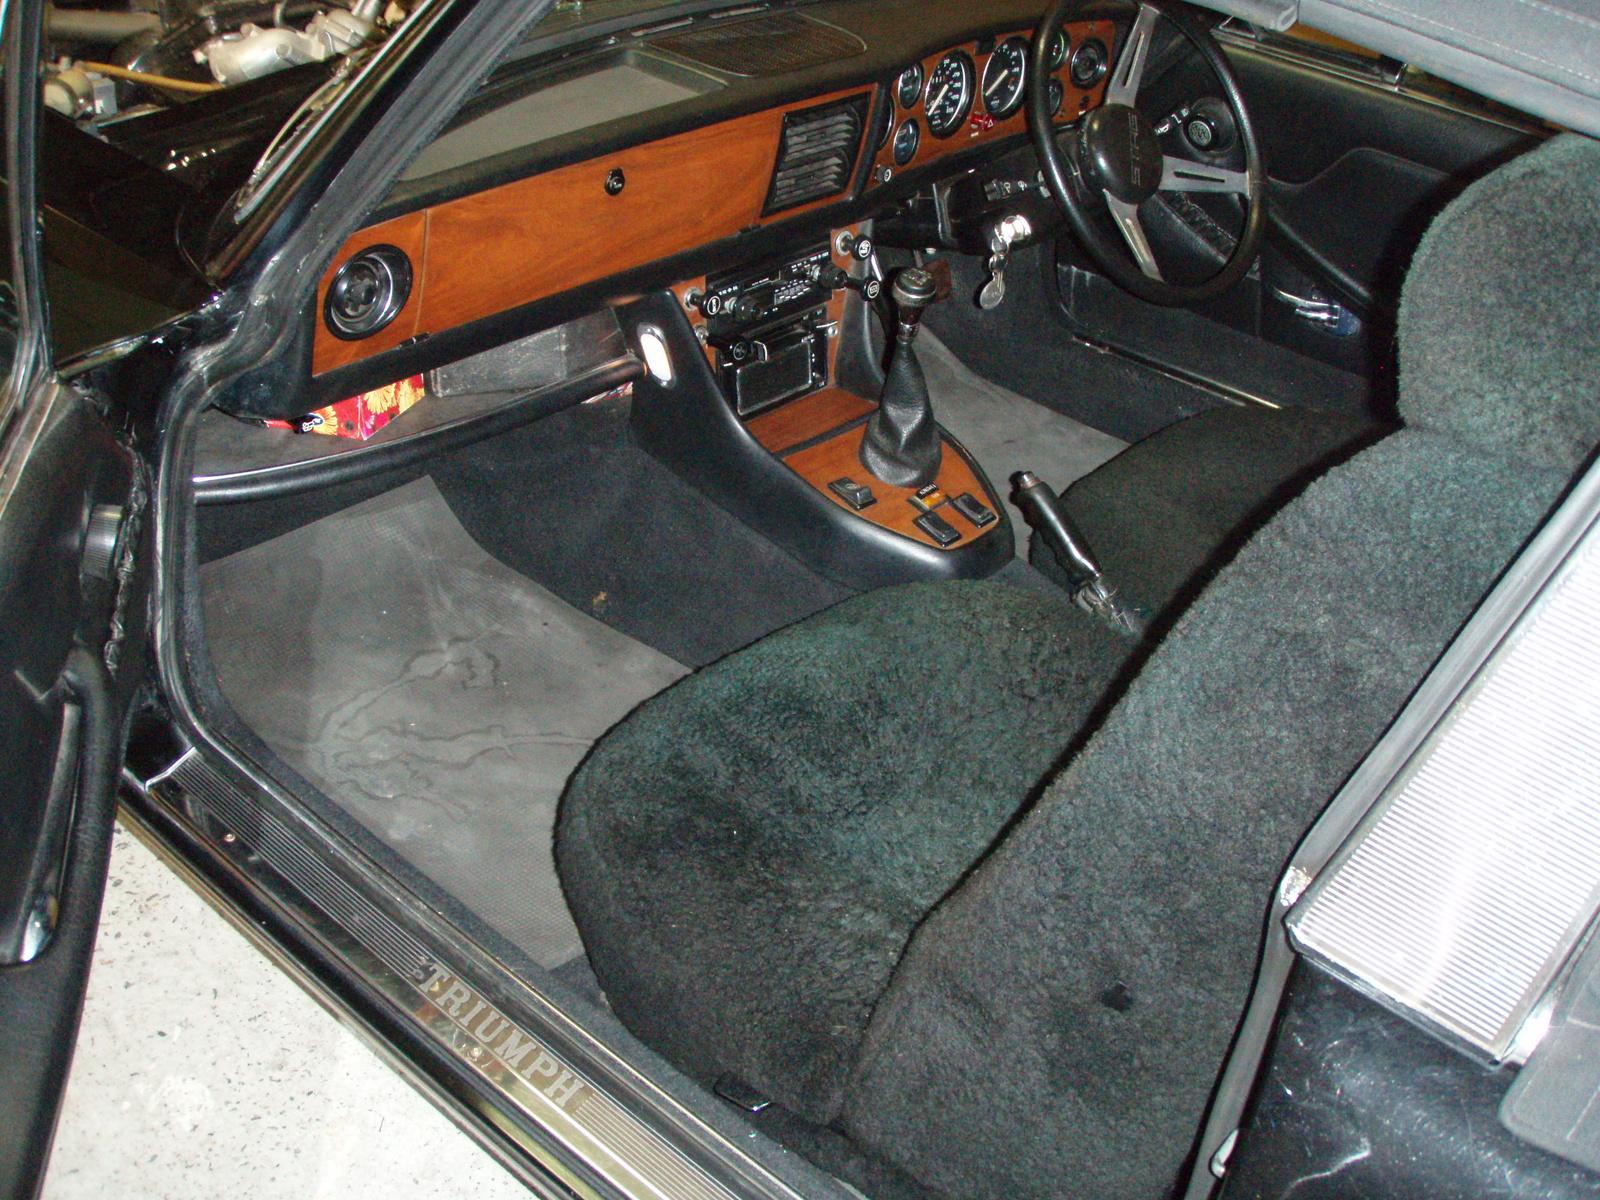 1974 Triumph Stag Interior Pictures Cargurus